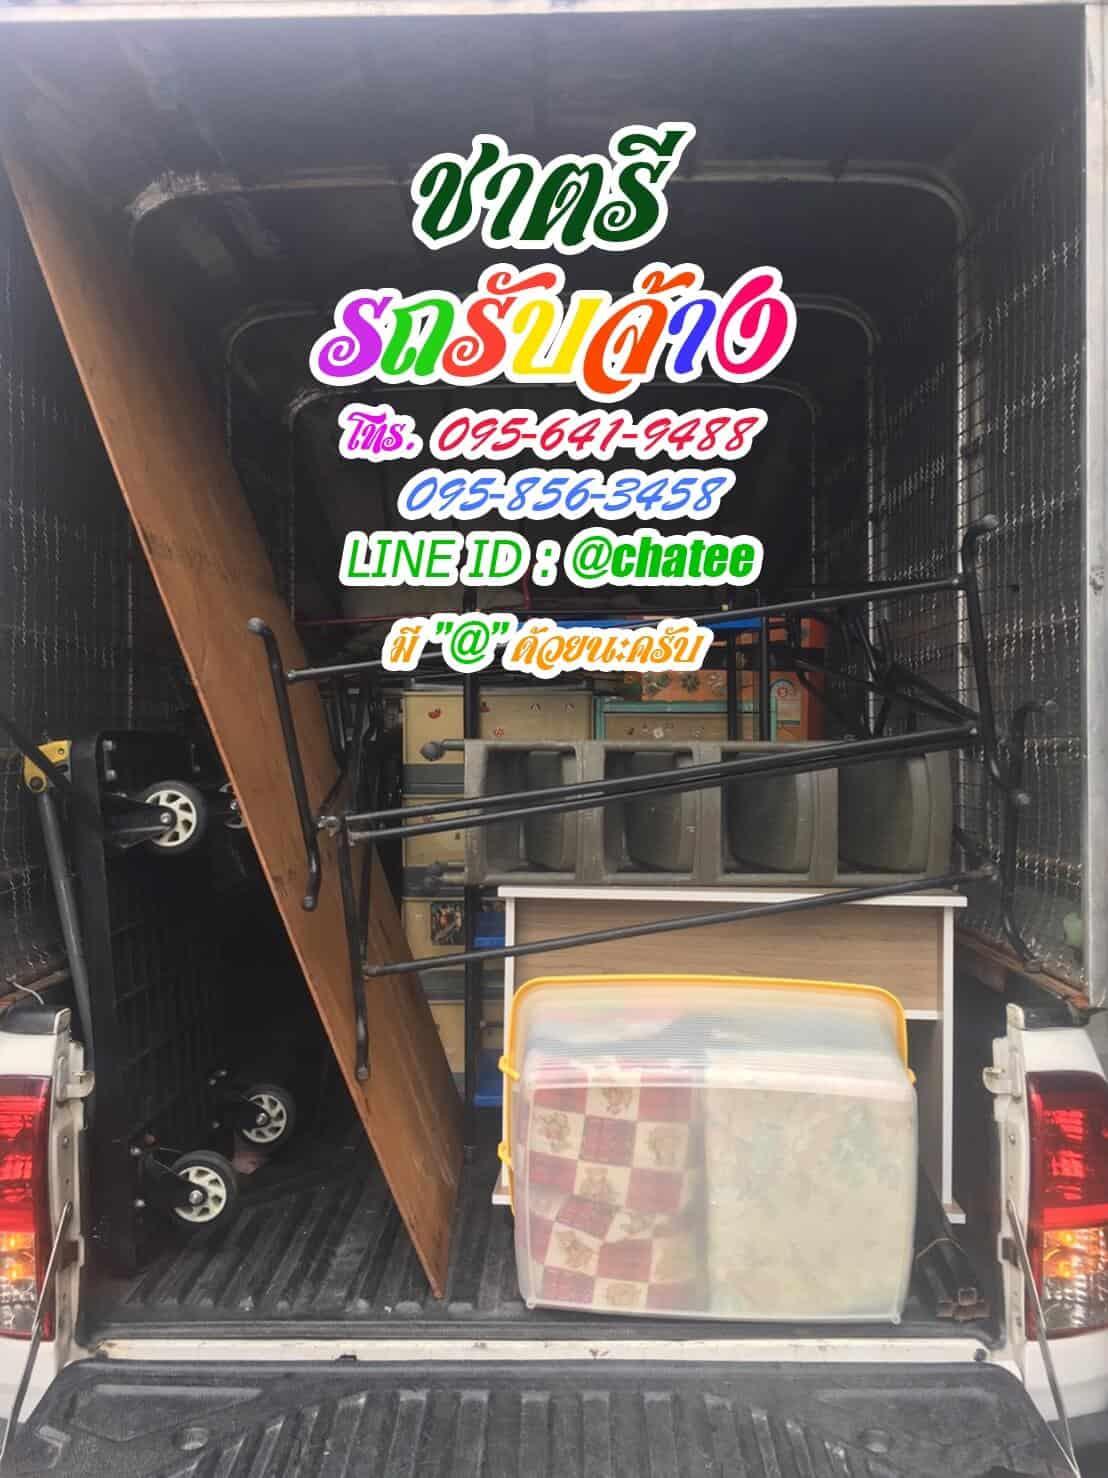 รถขนของจ้างย้ายห้องจากนาคนิวาสไปกาญจนบุรี